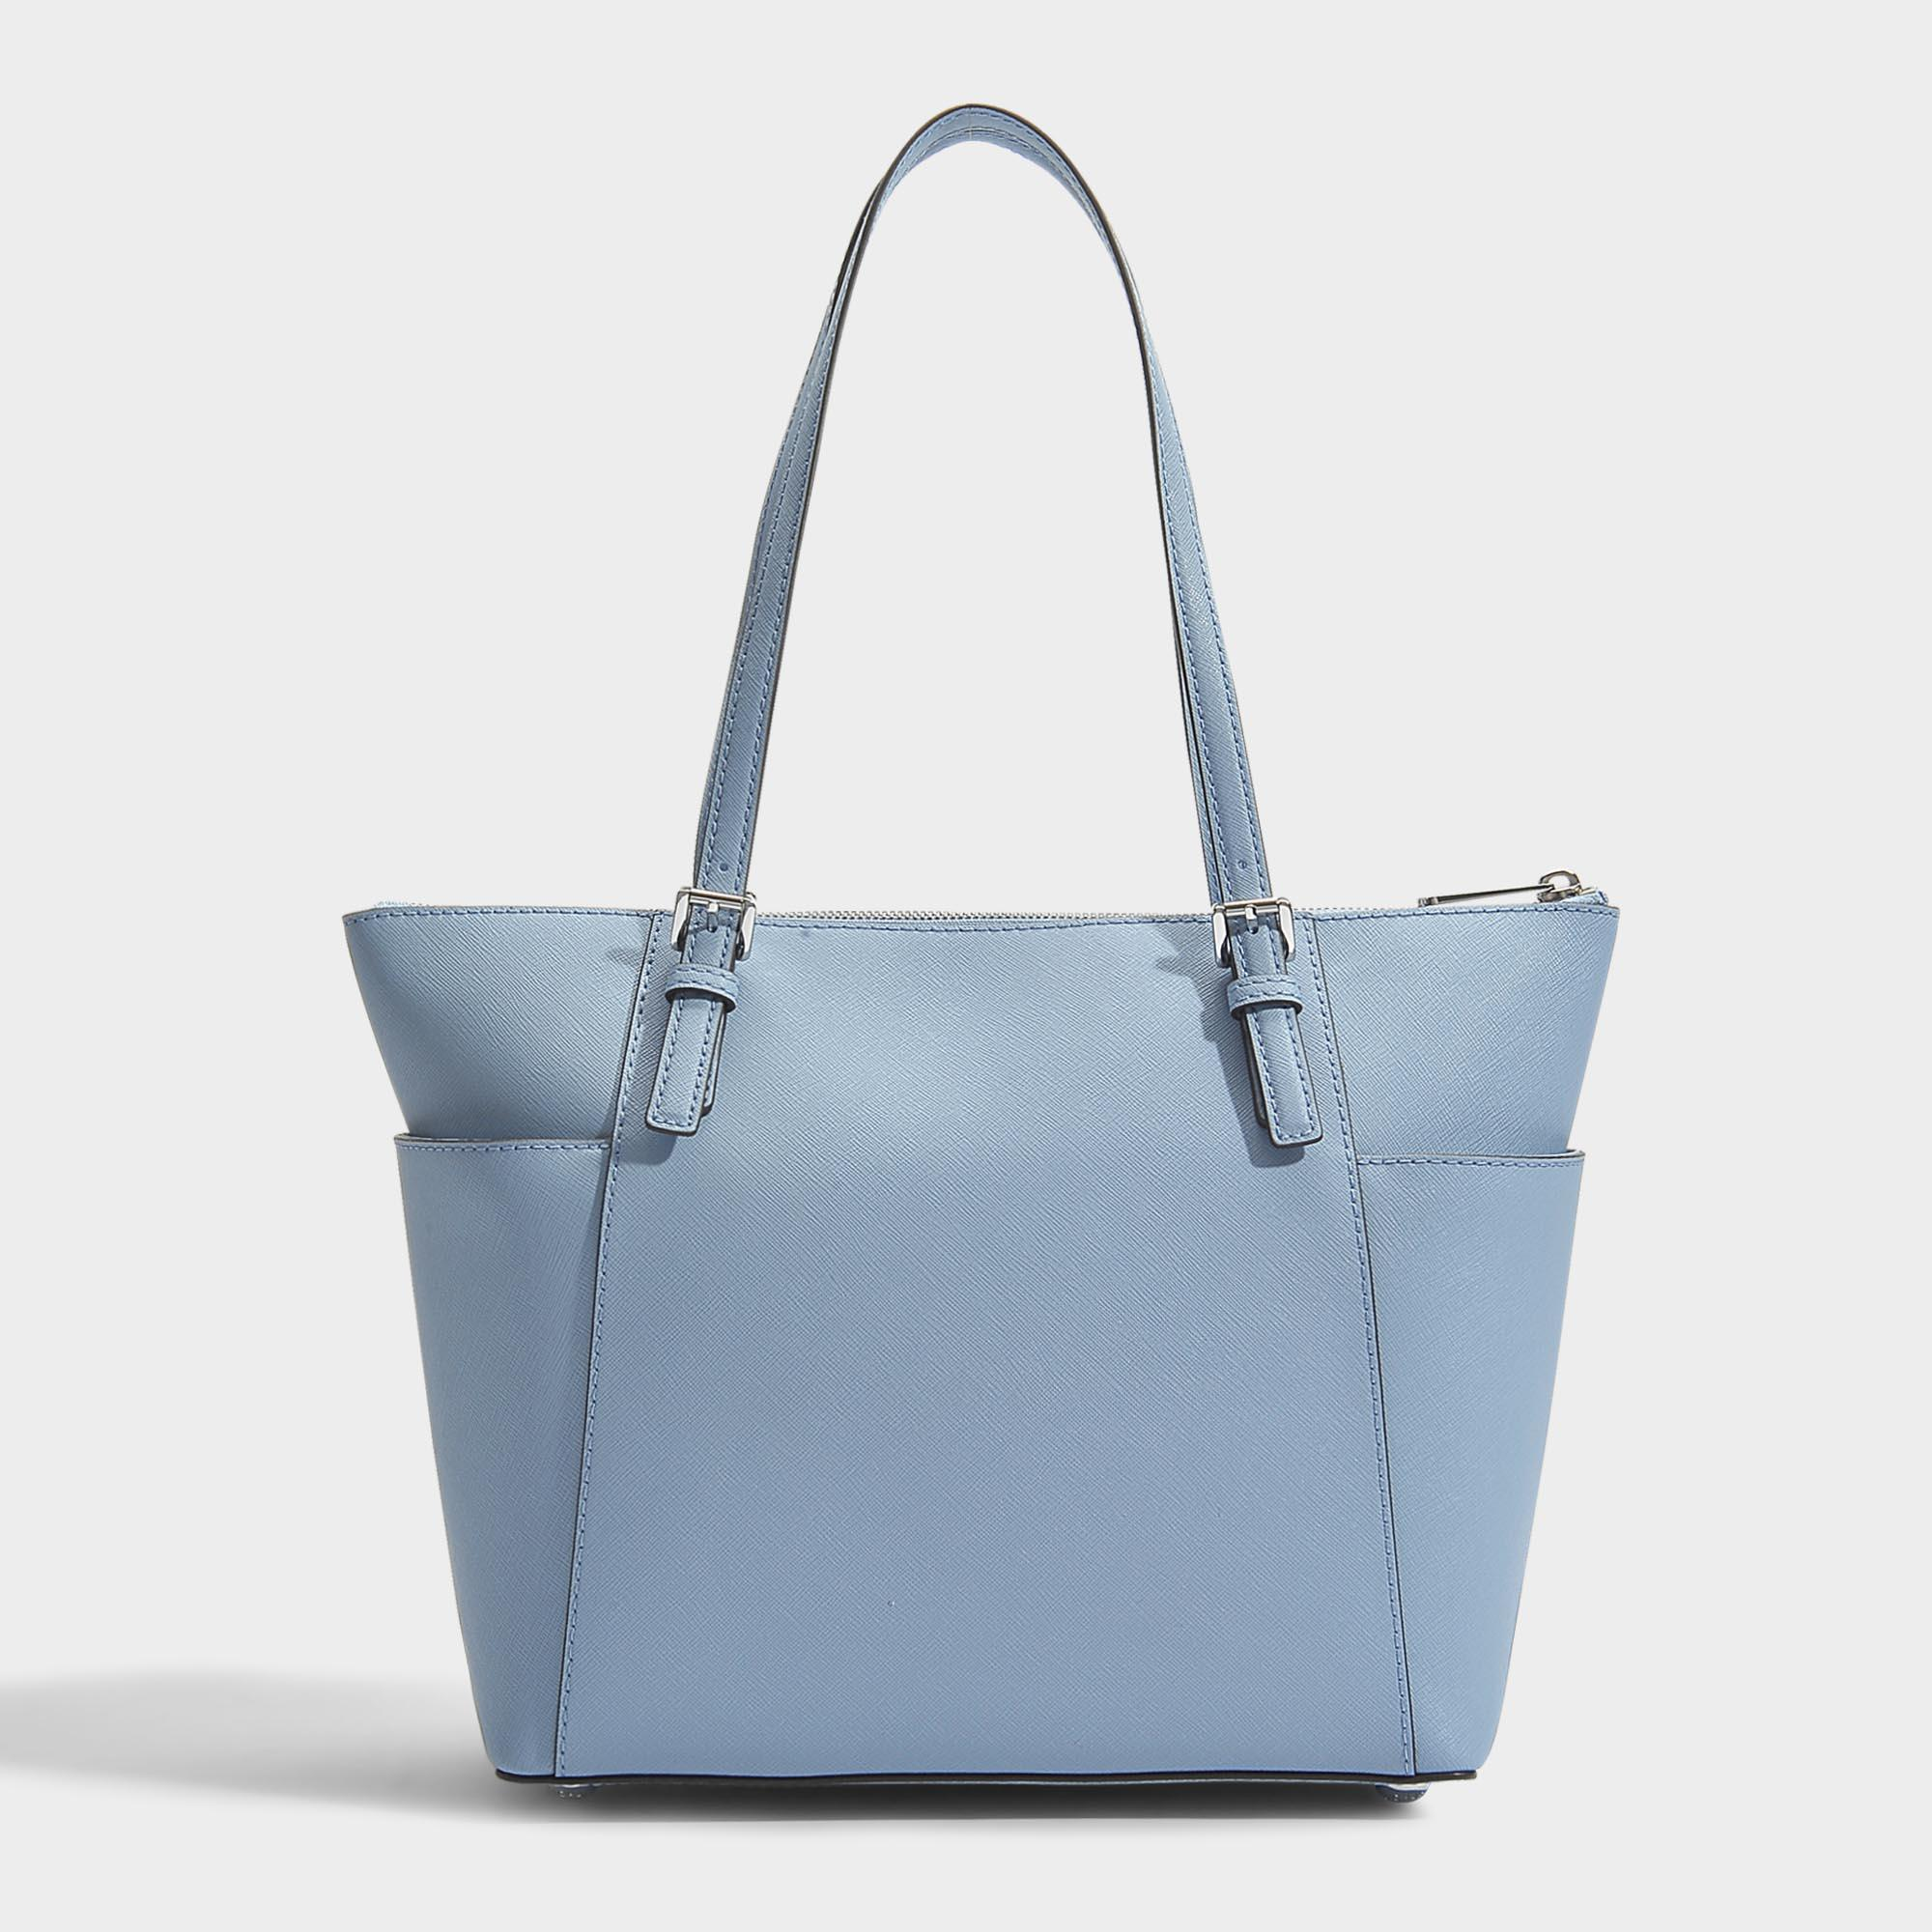 Jet Set Item East-West Top Zip Tote Bag in Tile Blue Saffia Leather Michael Michael Kors PE5sT8